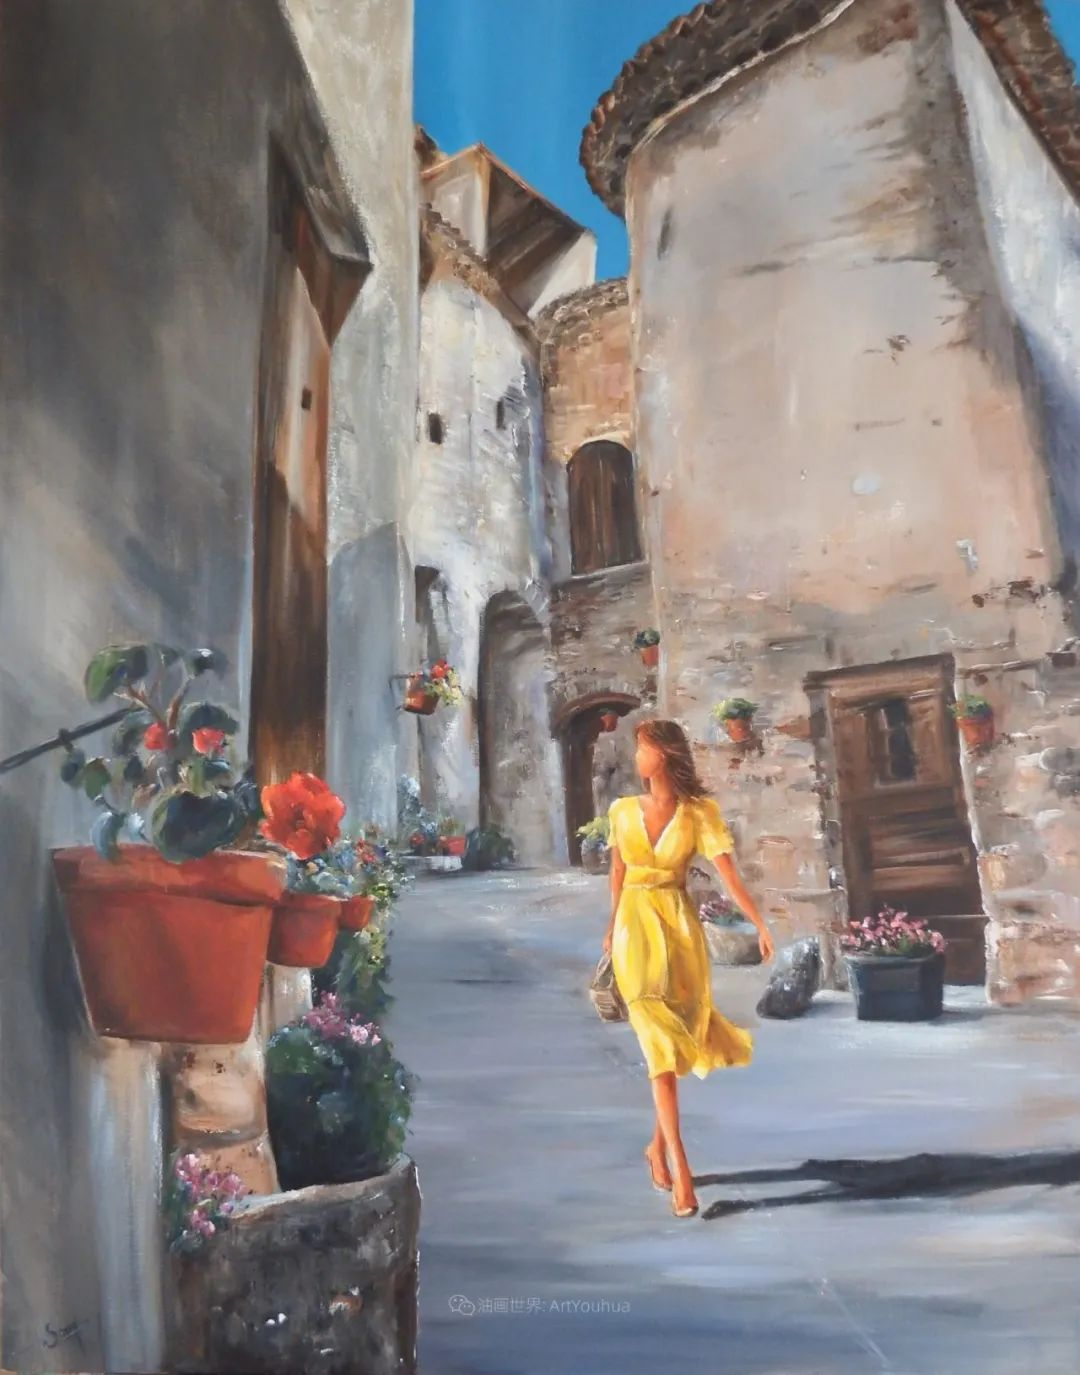 穿黄裙的女人,无忧无虑,轻盈美丽!插图15